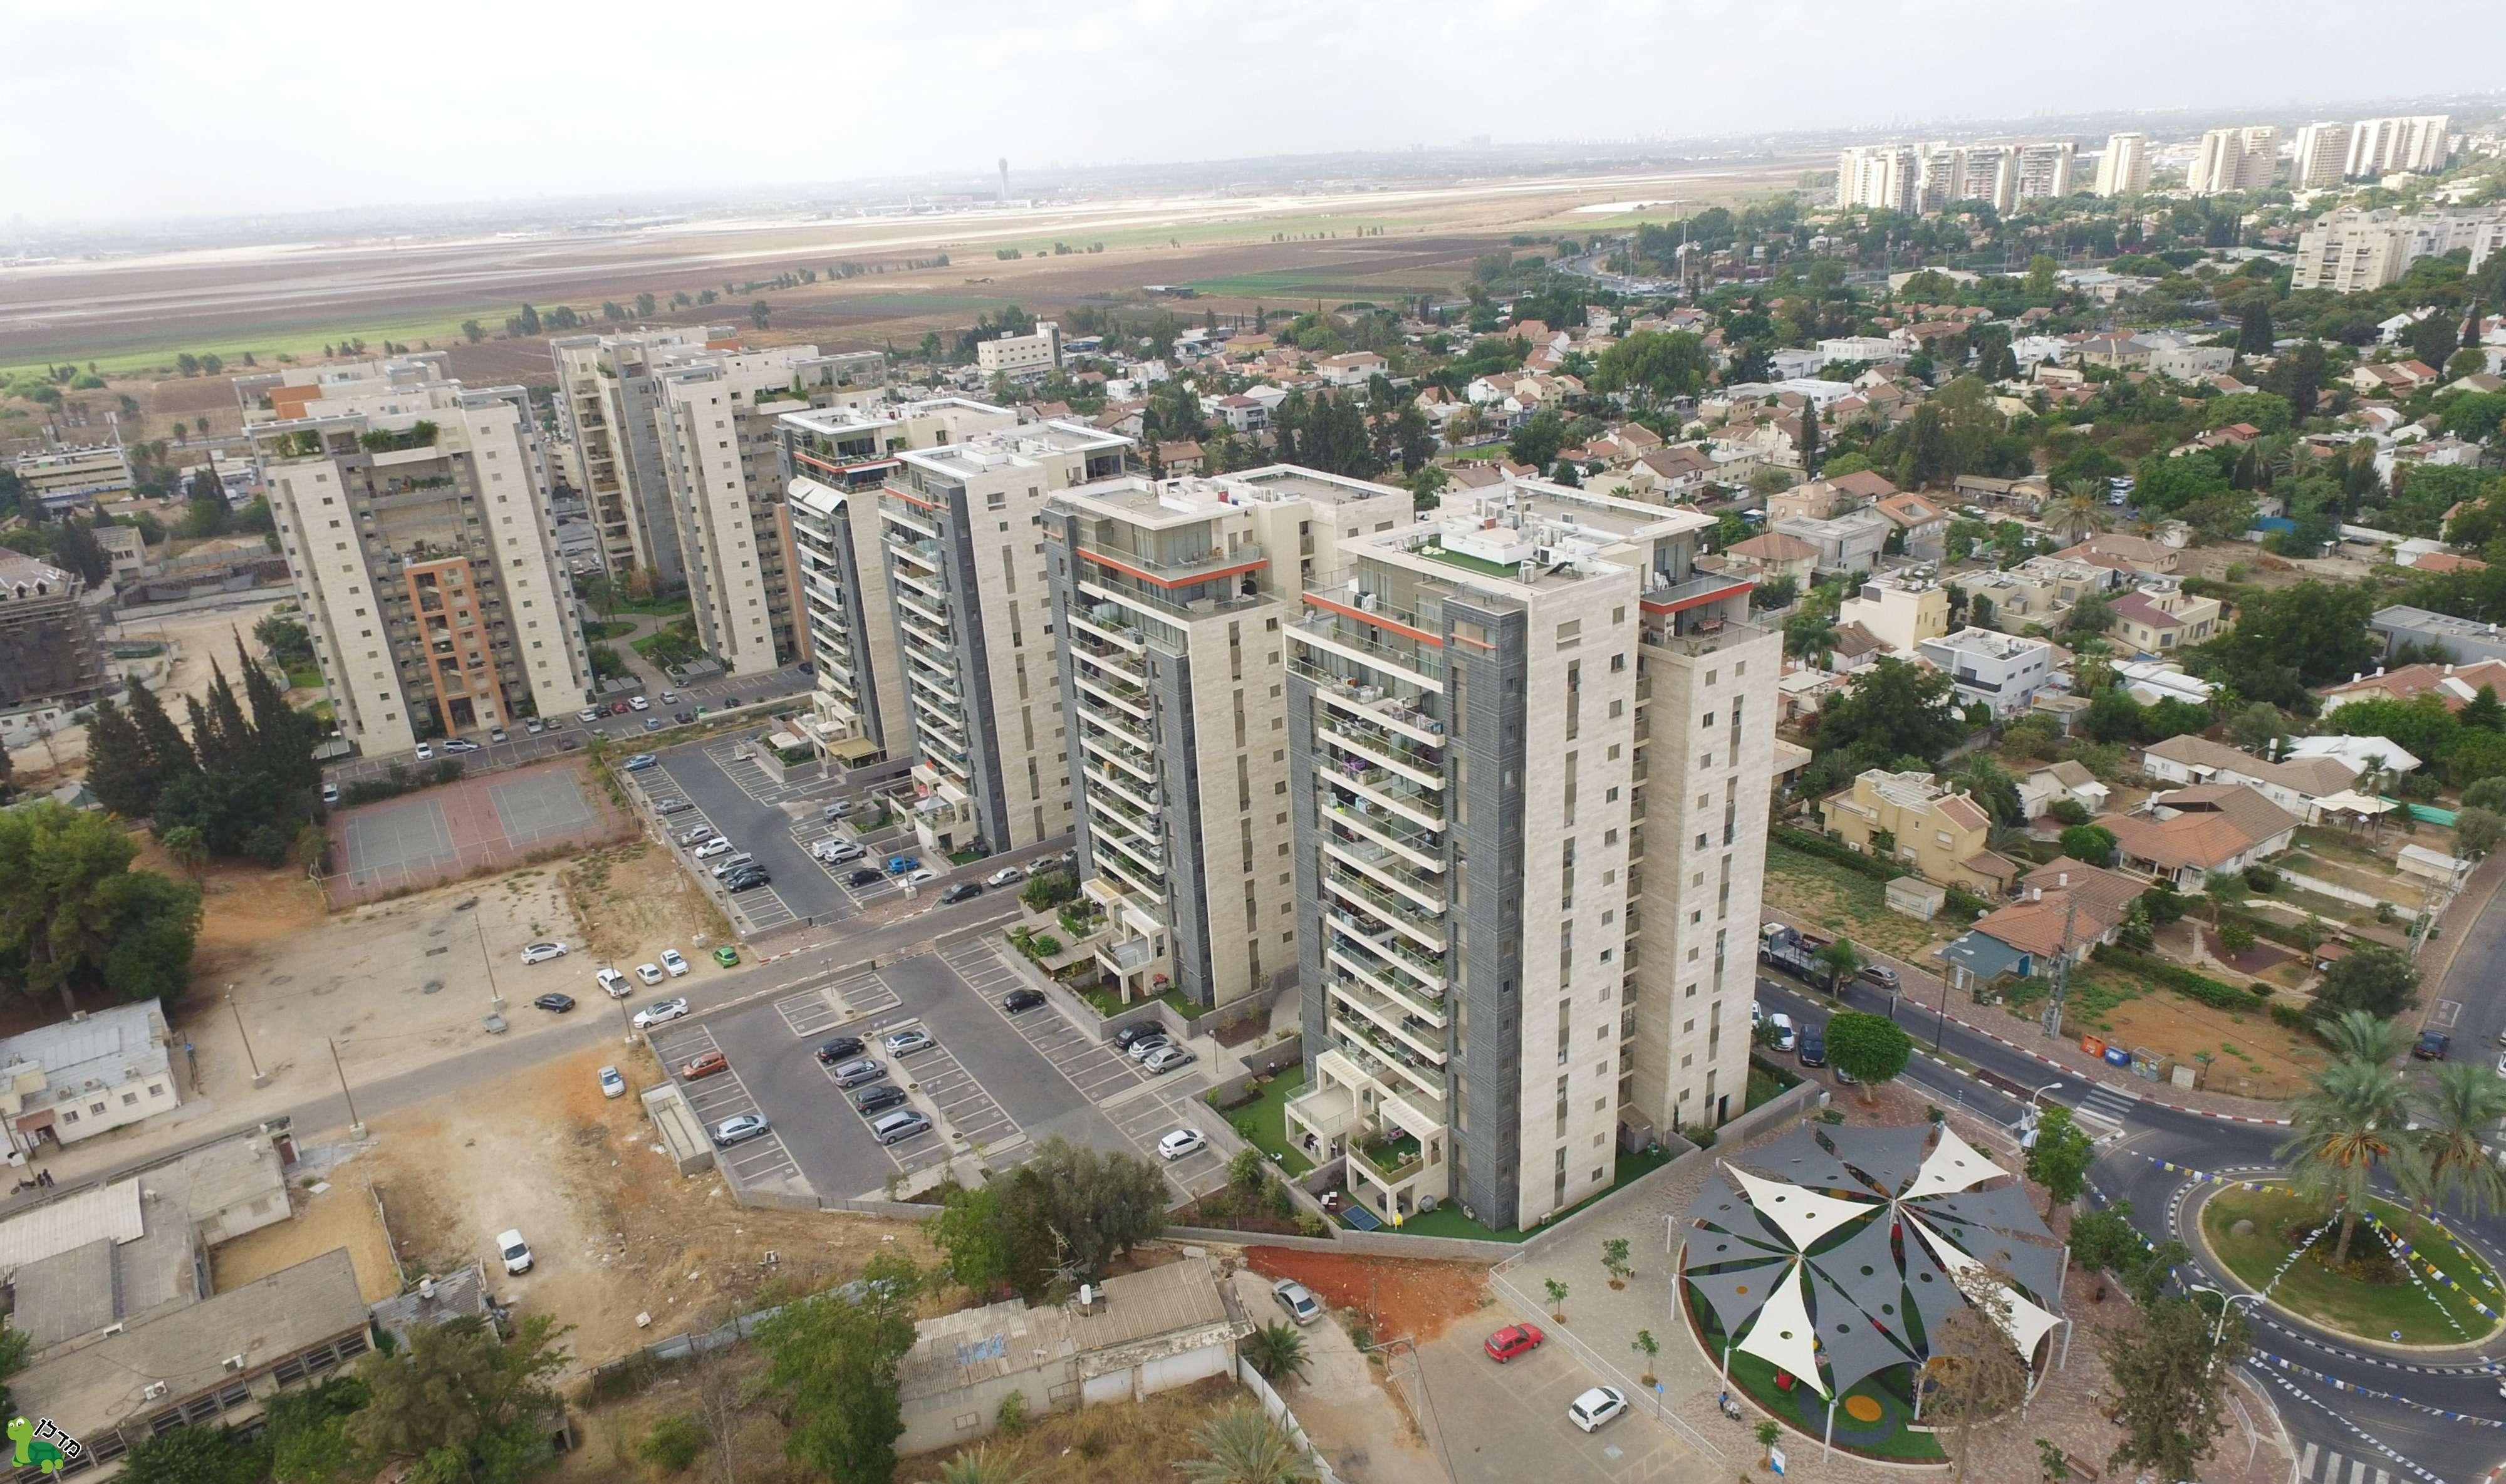 מודרני דירות למכירה במרכז העיר, יהוד מונוסון - 78 דירות באזור LN-64